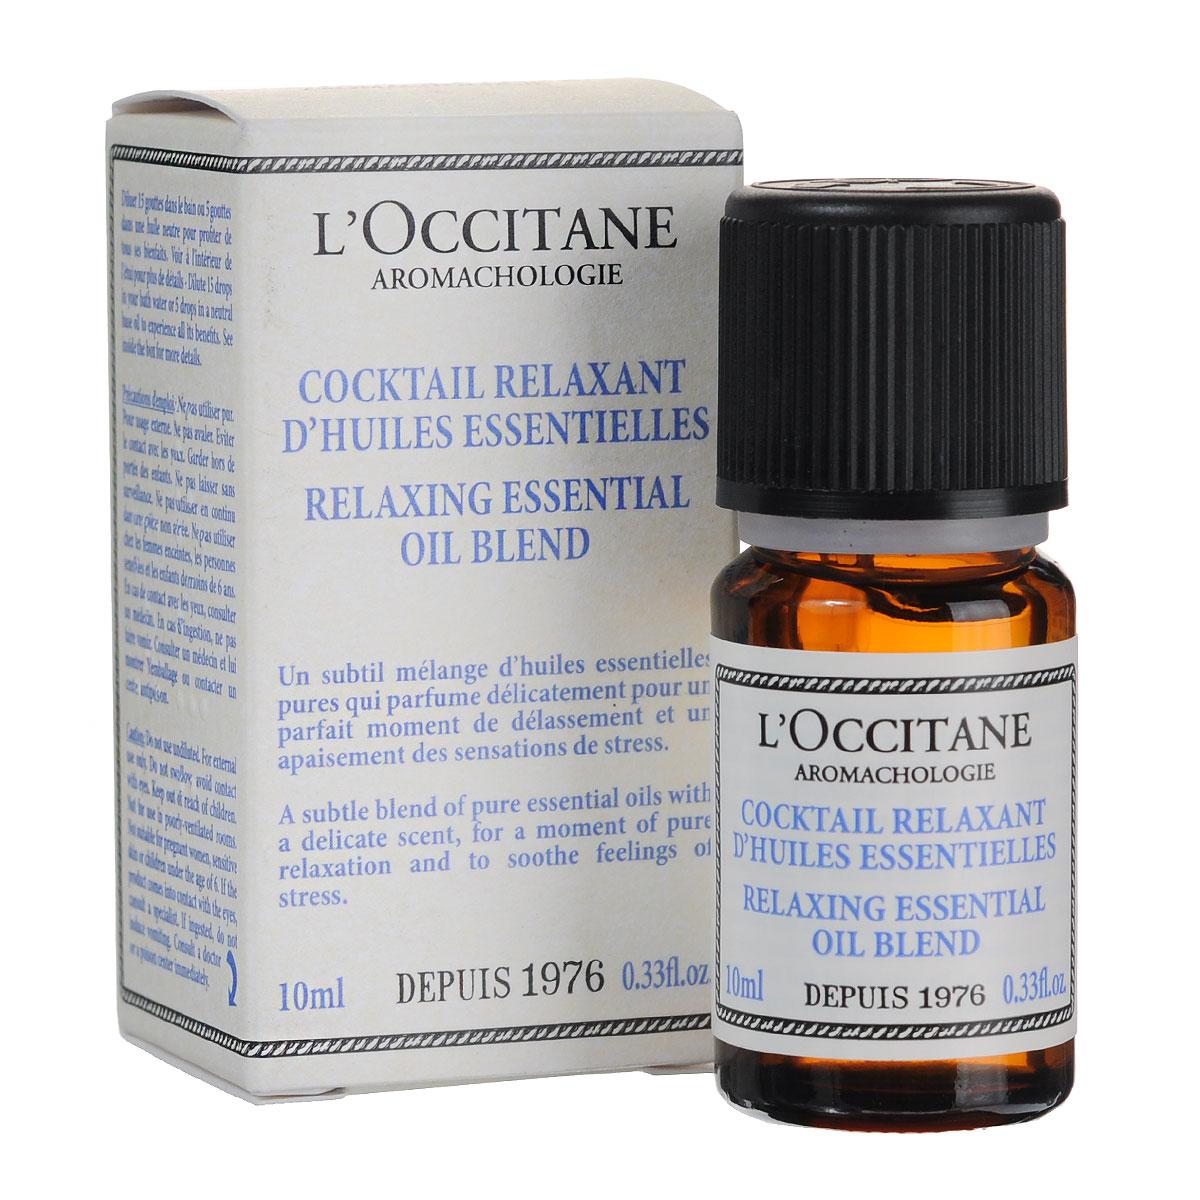 LOccitane Эфирное масло Аромакология, расслабляющее, 10 мл307038Расслабляющая смесь чистых эфирных масел помогает снять напряжение и избавиться от стресса.Товар сертифицирован.